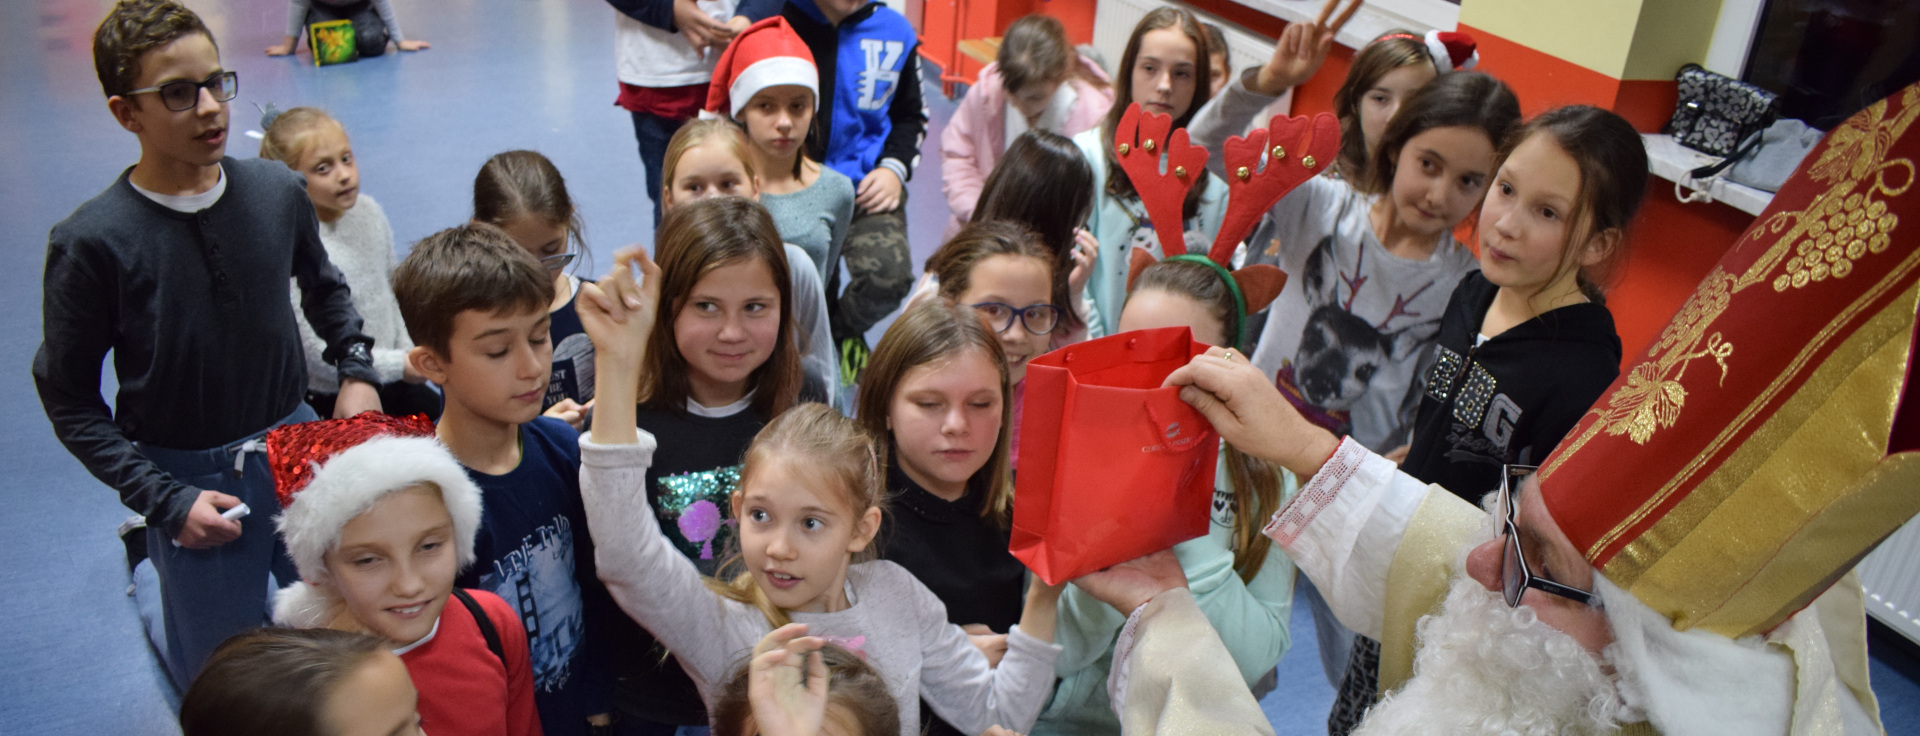 Na ratunek św. Mikołajowi!